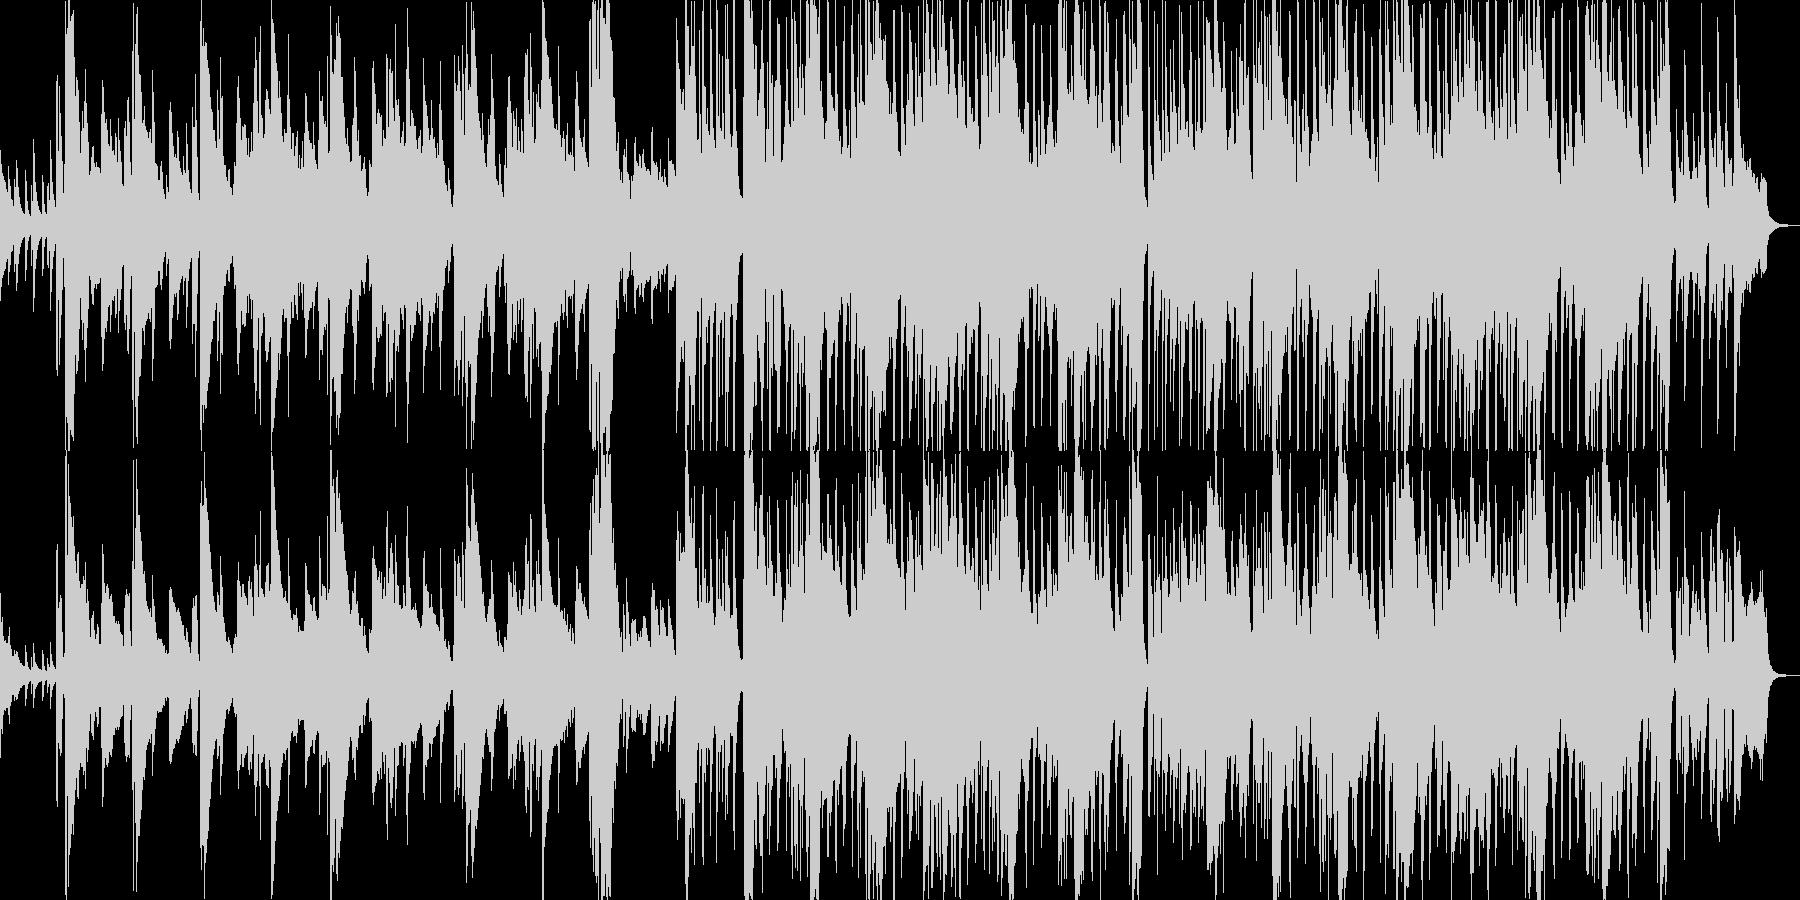 こそこそ忍び込む ピンクパンサーパロディの未再生の波形